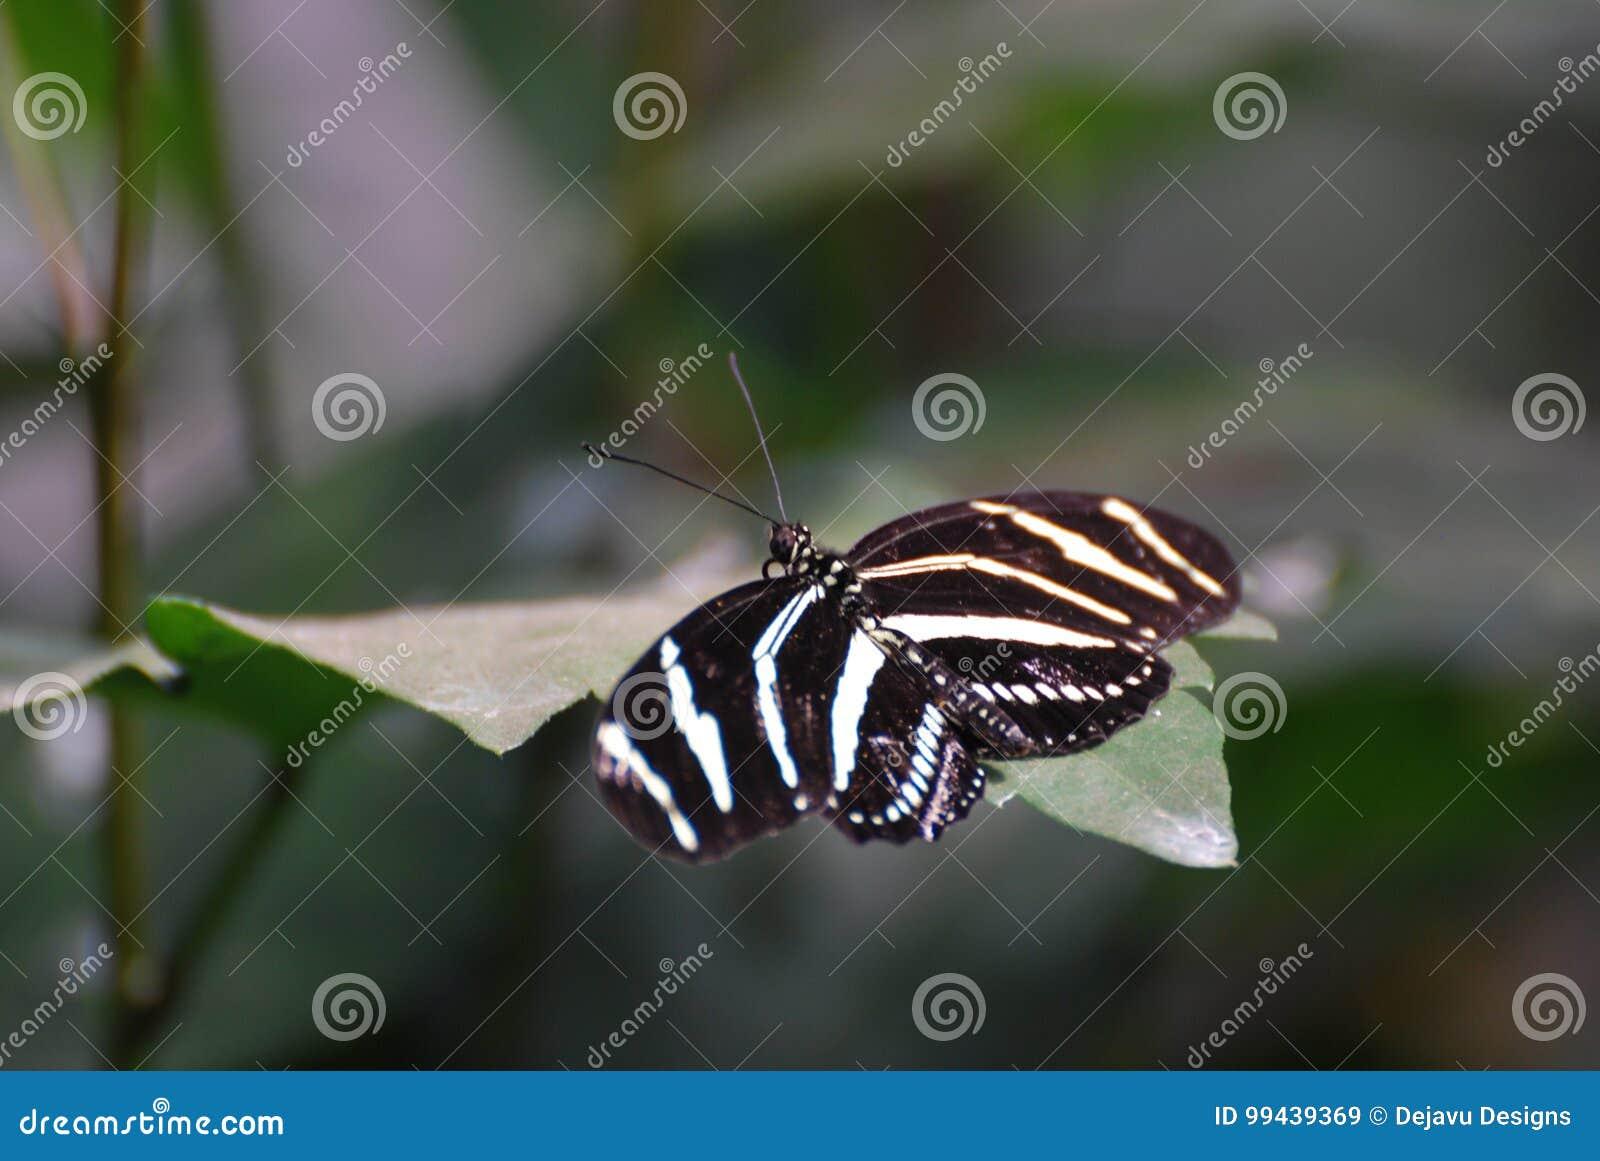 Ursnyggt skott av en sebrafjäril på ett blad